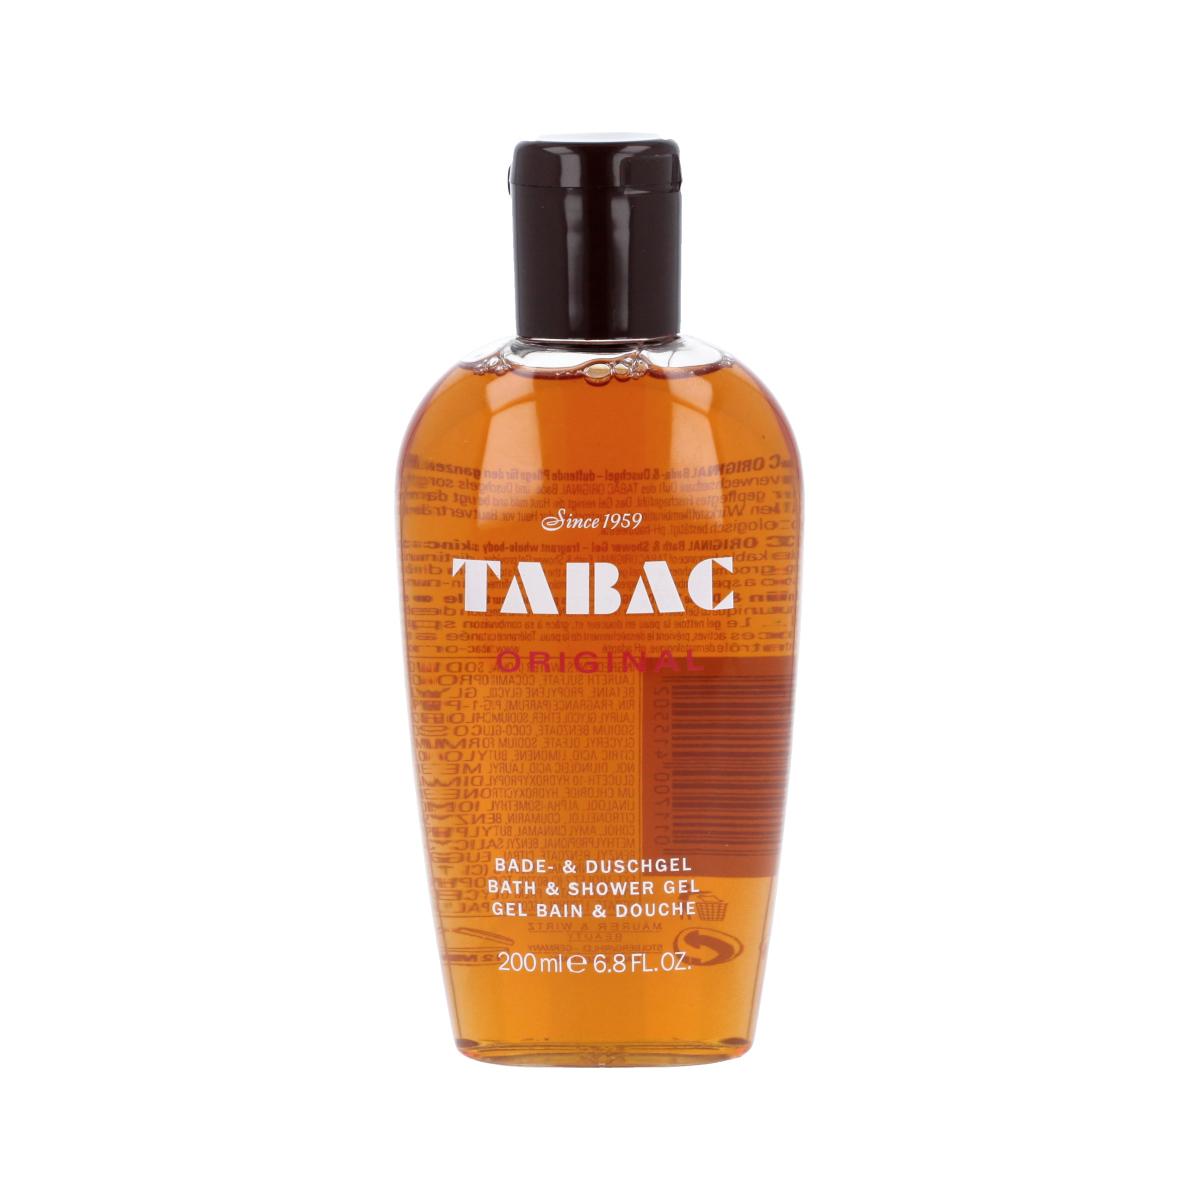 Tabac Original Duschgel 200 ml (man) 65360